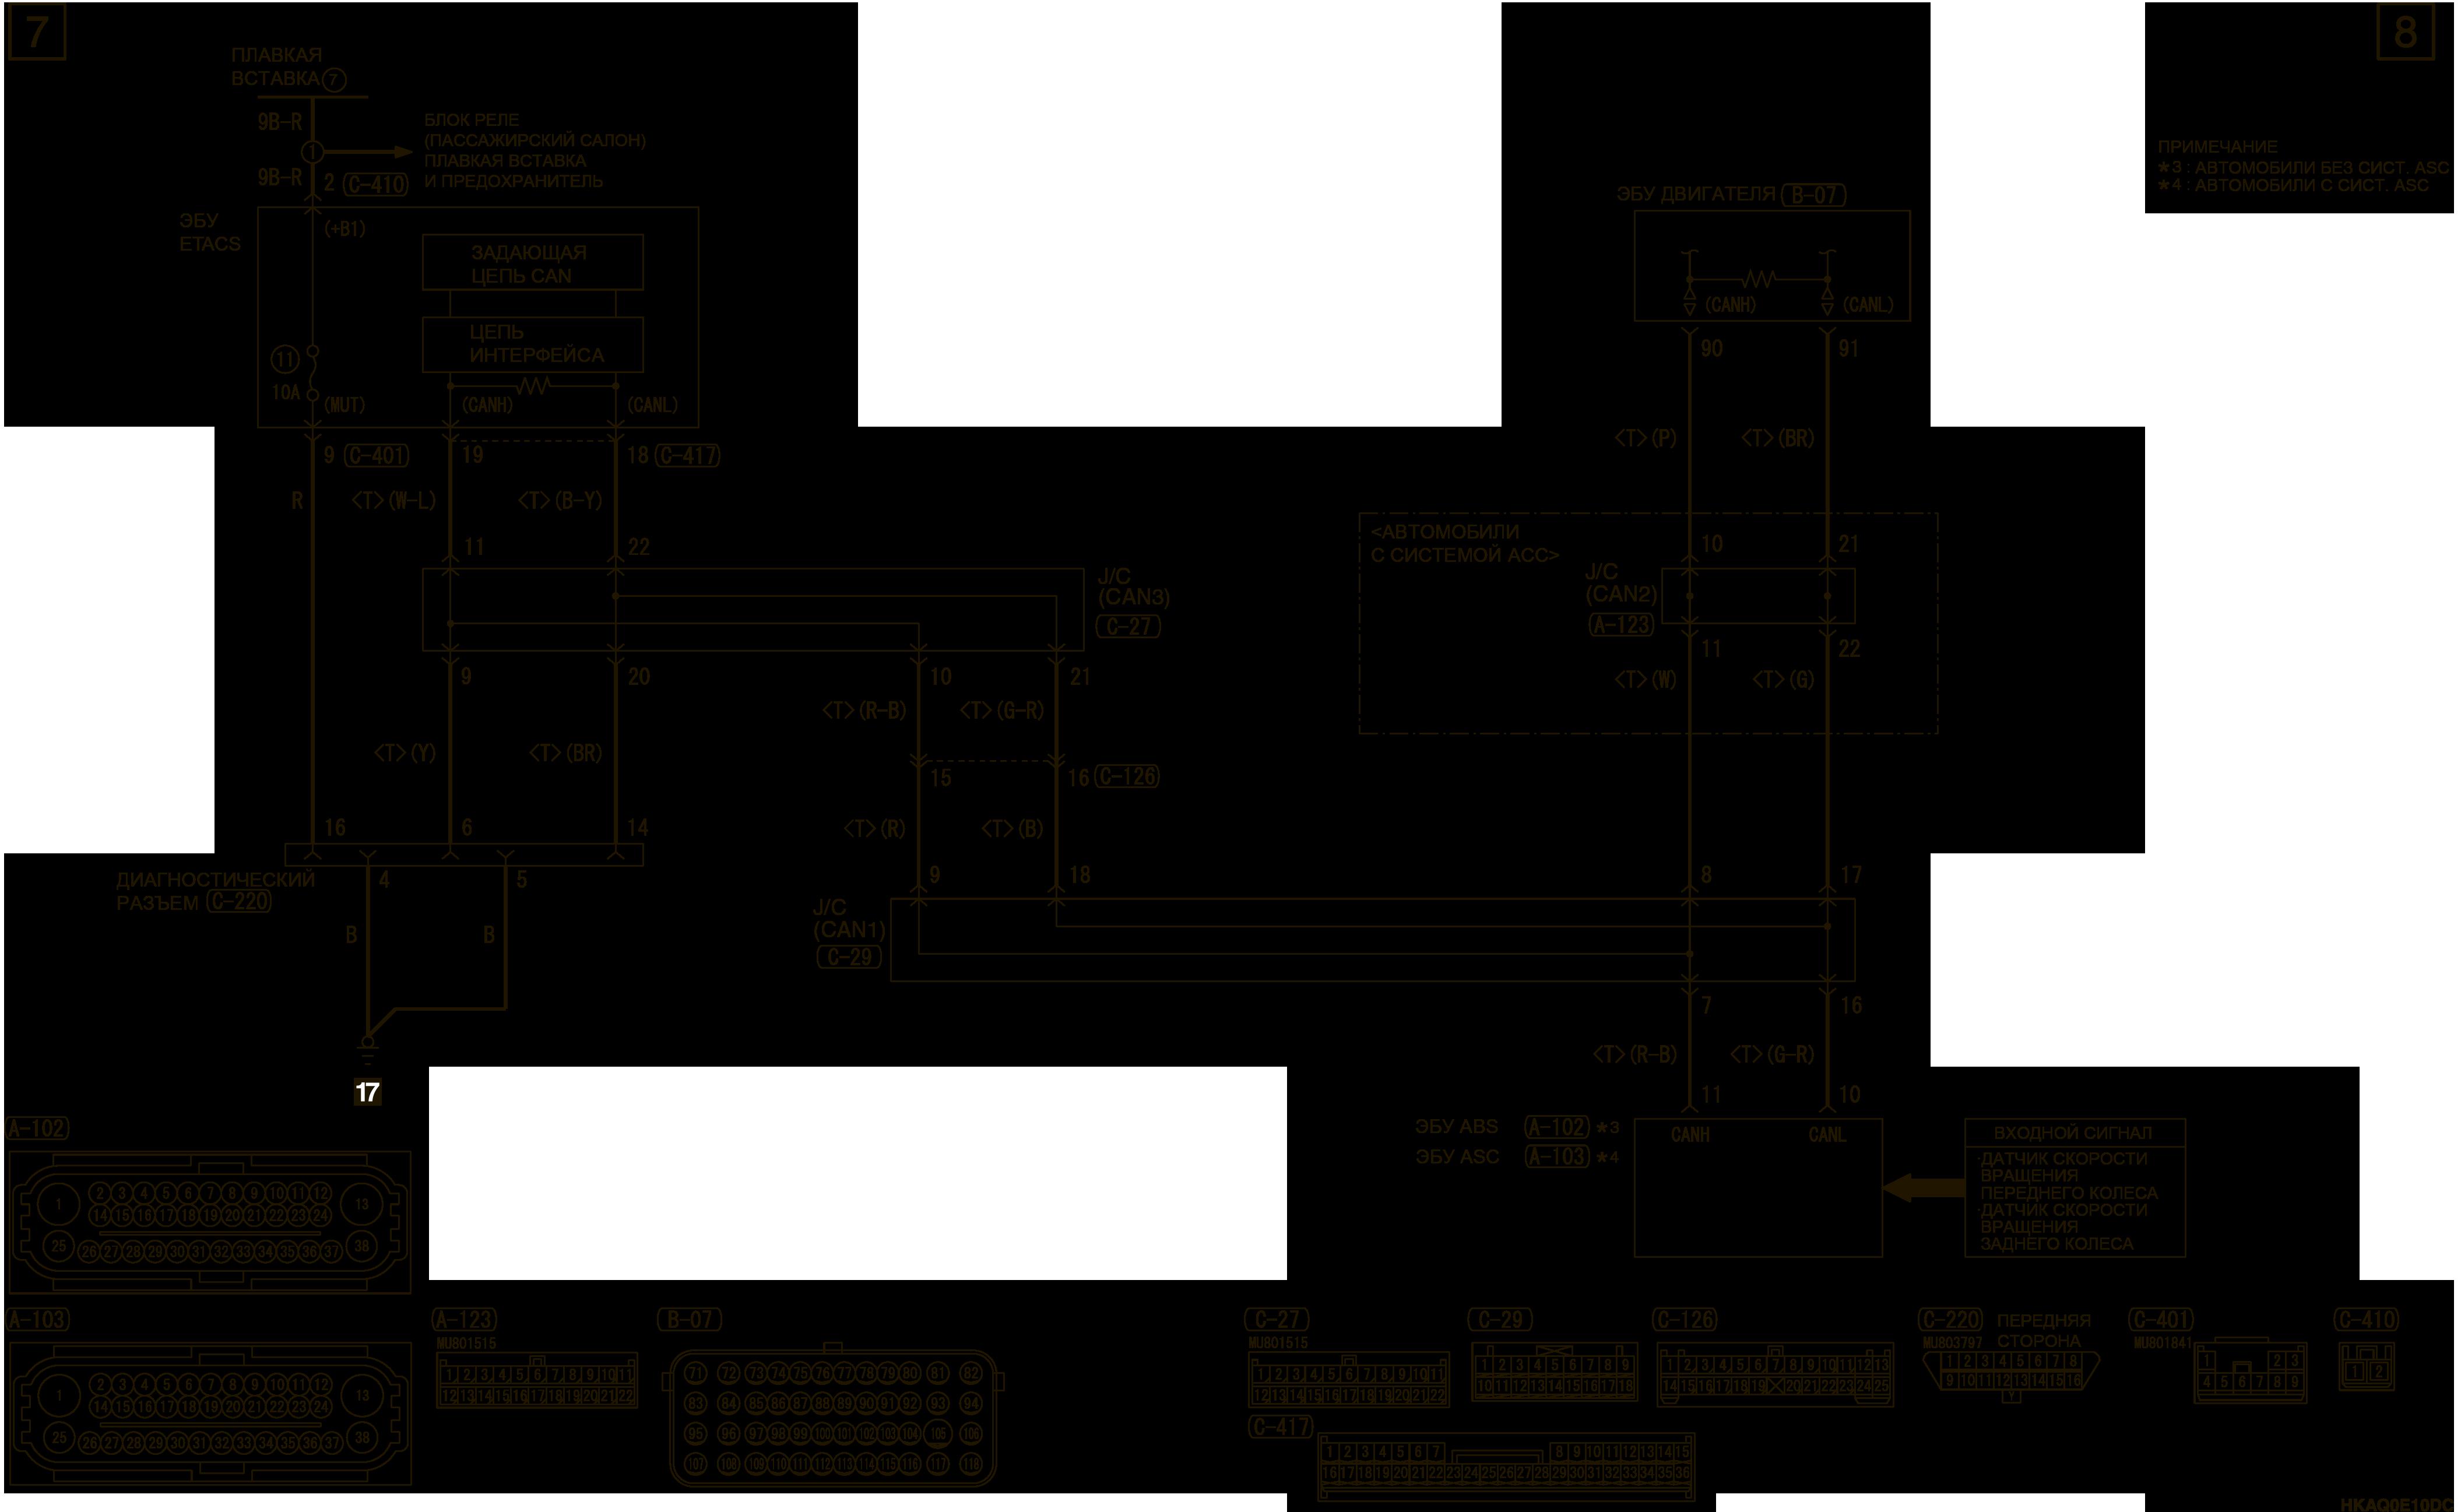 mmc аутлендер 3 2019 электросхемаРЕЗЕРВНЫЙ РАЗЪЕМ (ДЛЯ АУДИОСИСТЕМЫ) ЛЕВОСТОРОННЕЕ УПРАВЛЕНИЕ